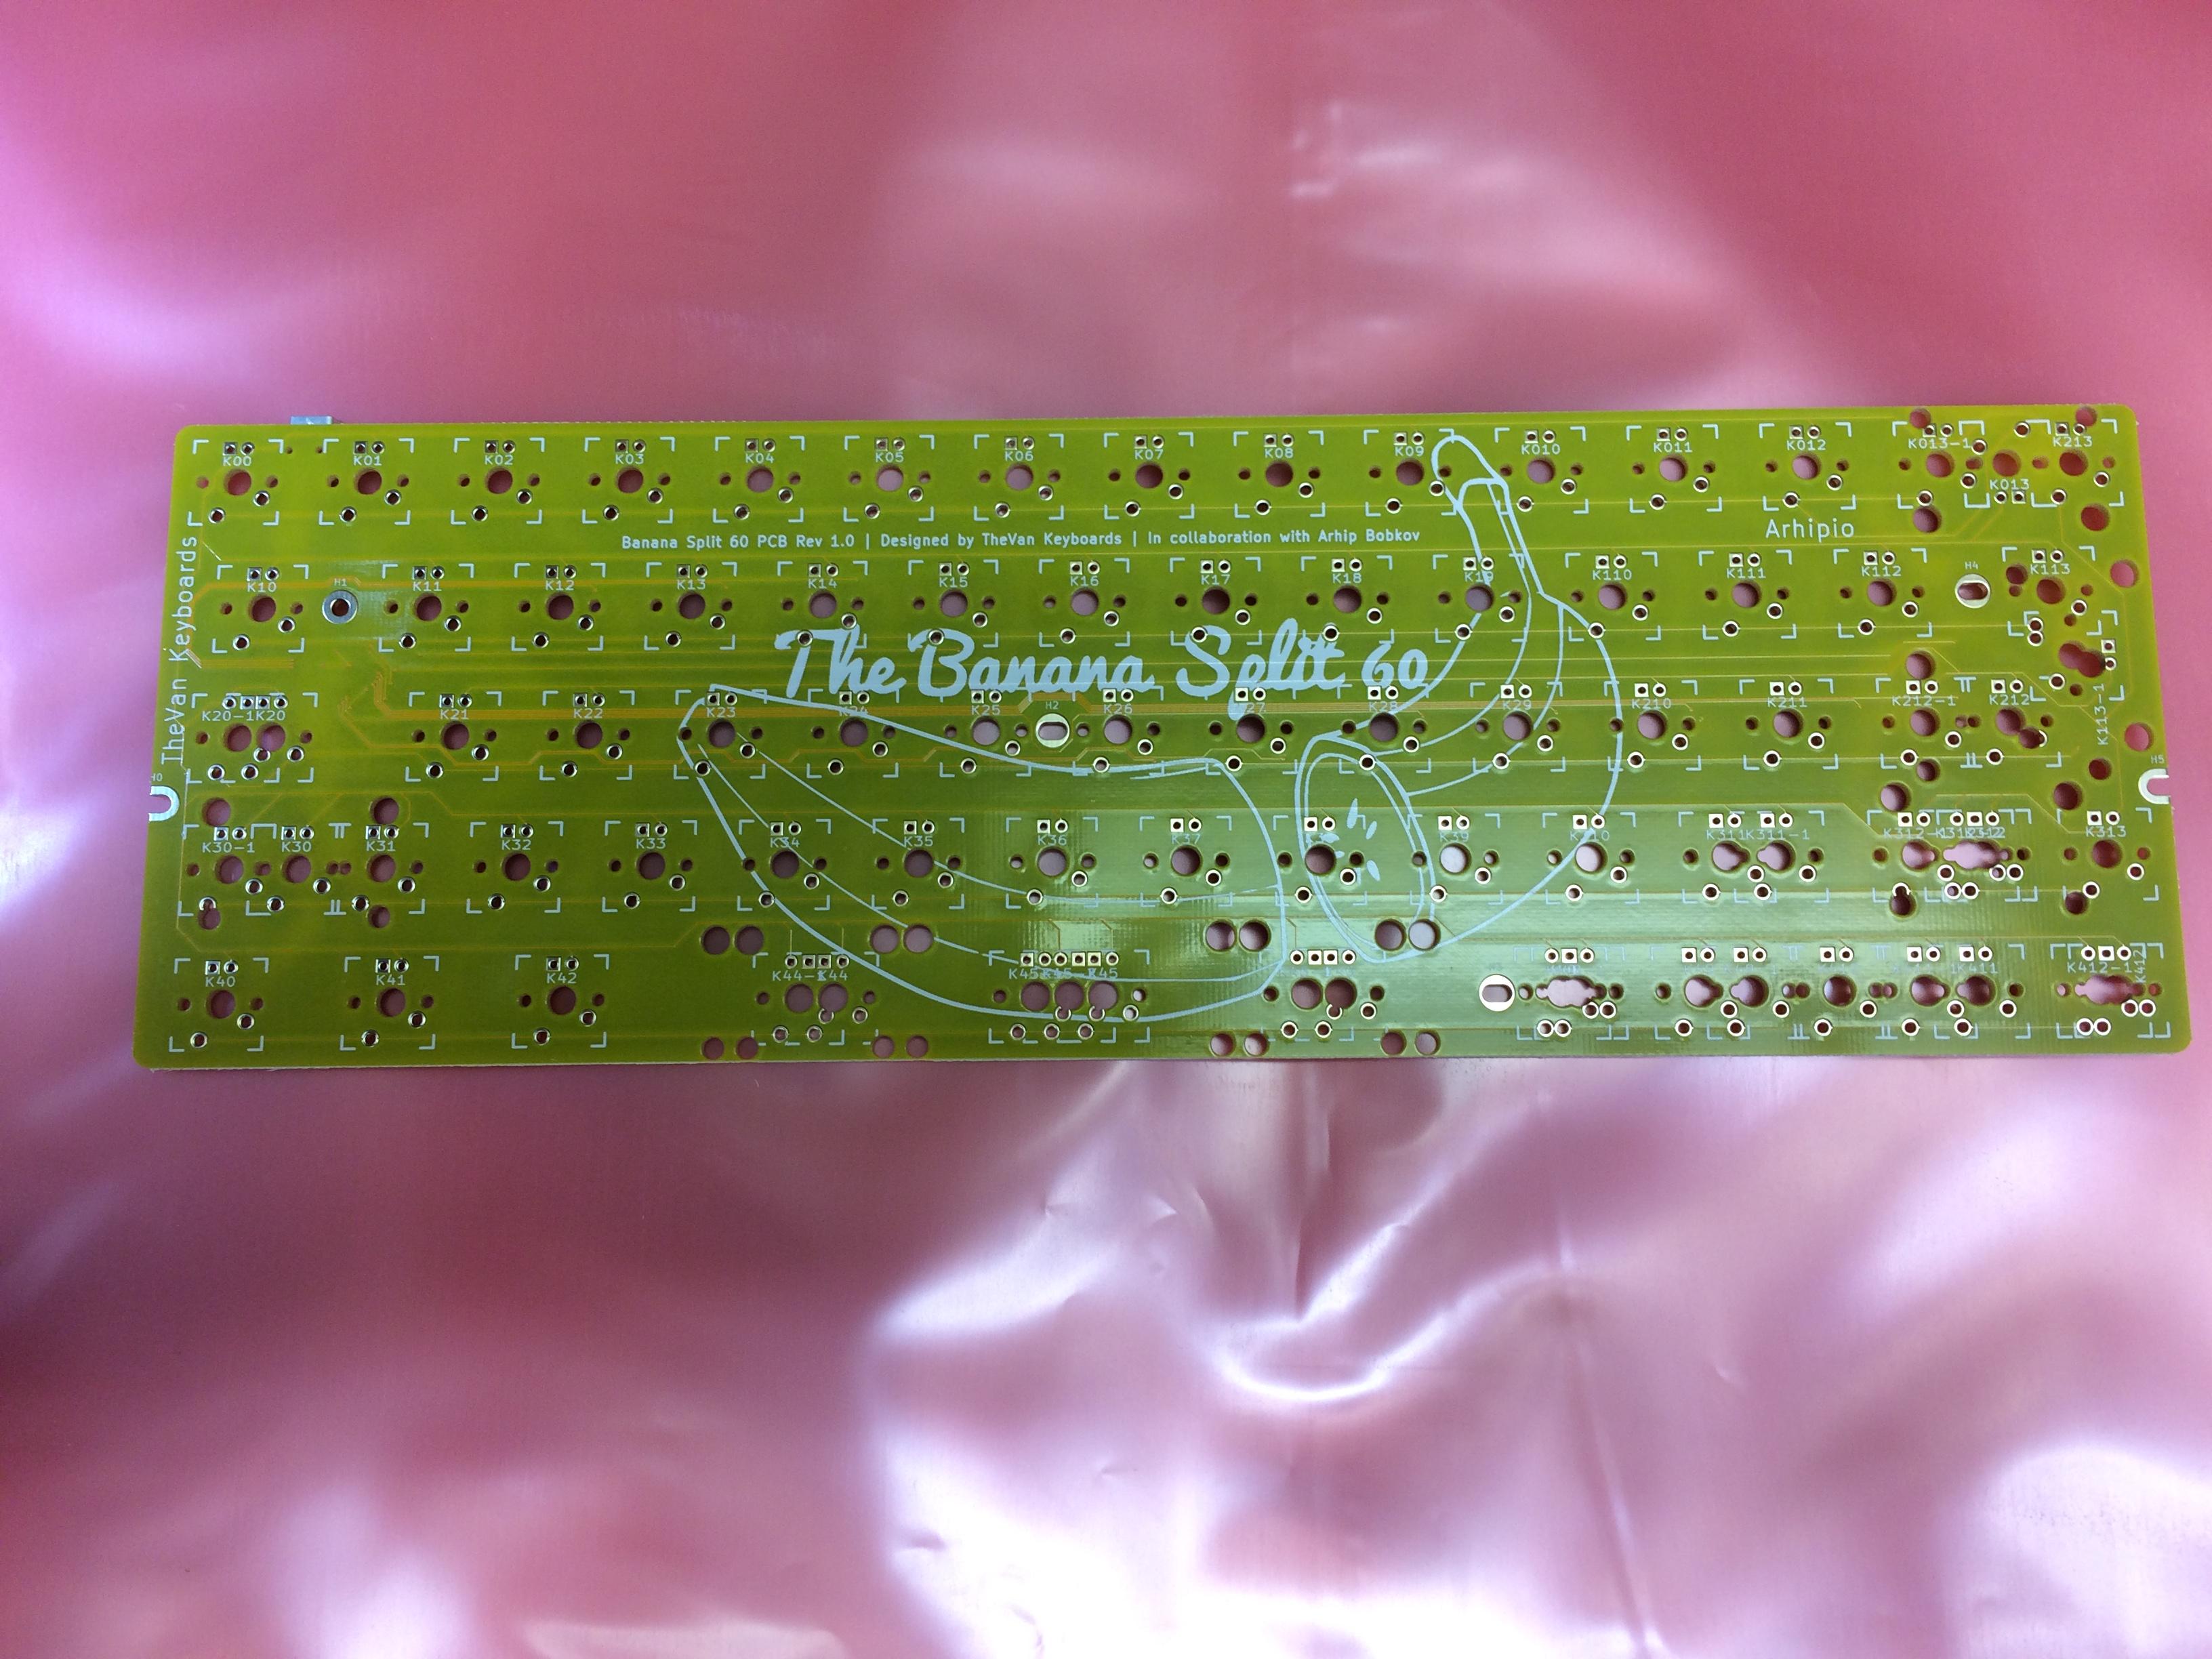 Banana Split rev 1.0 PCB front